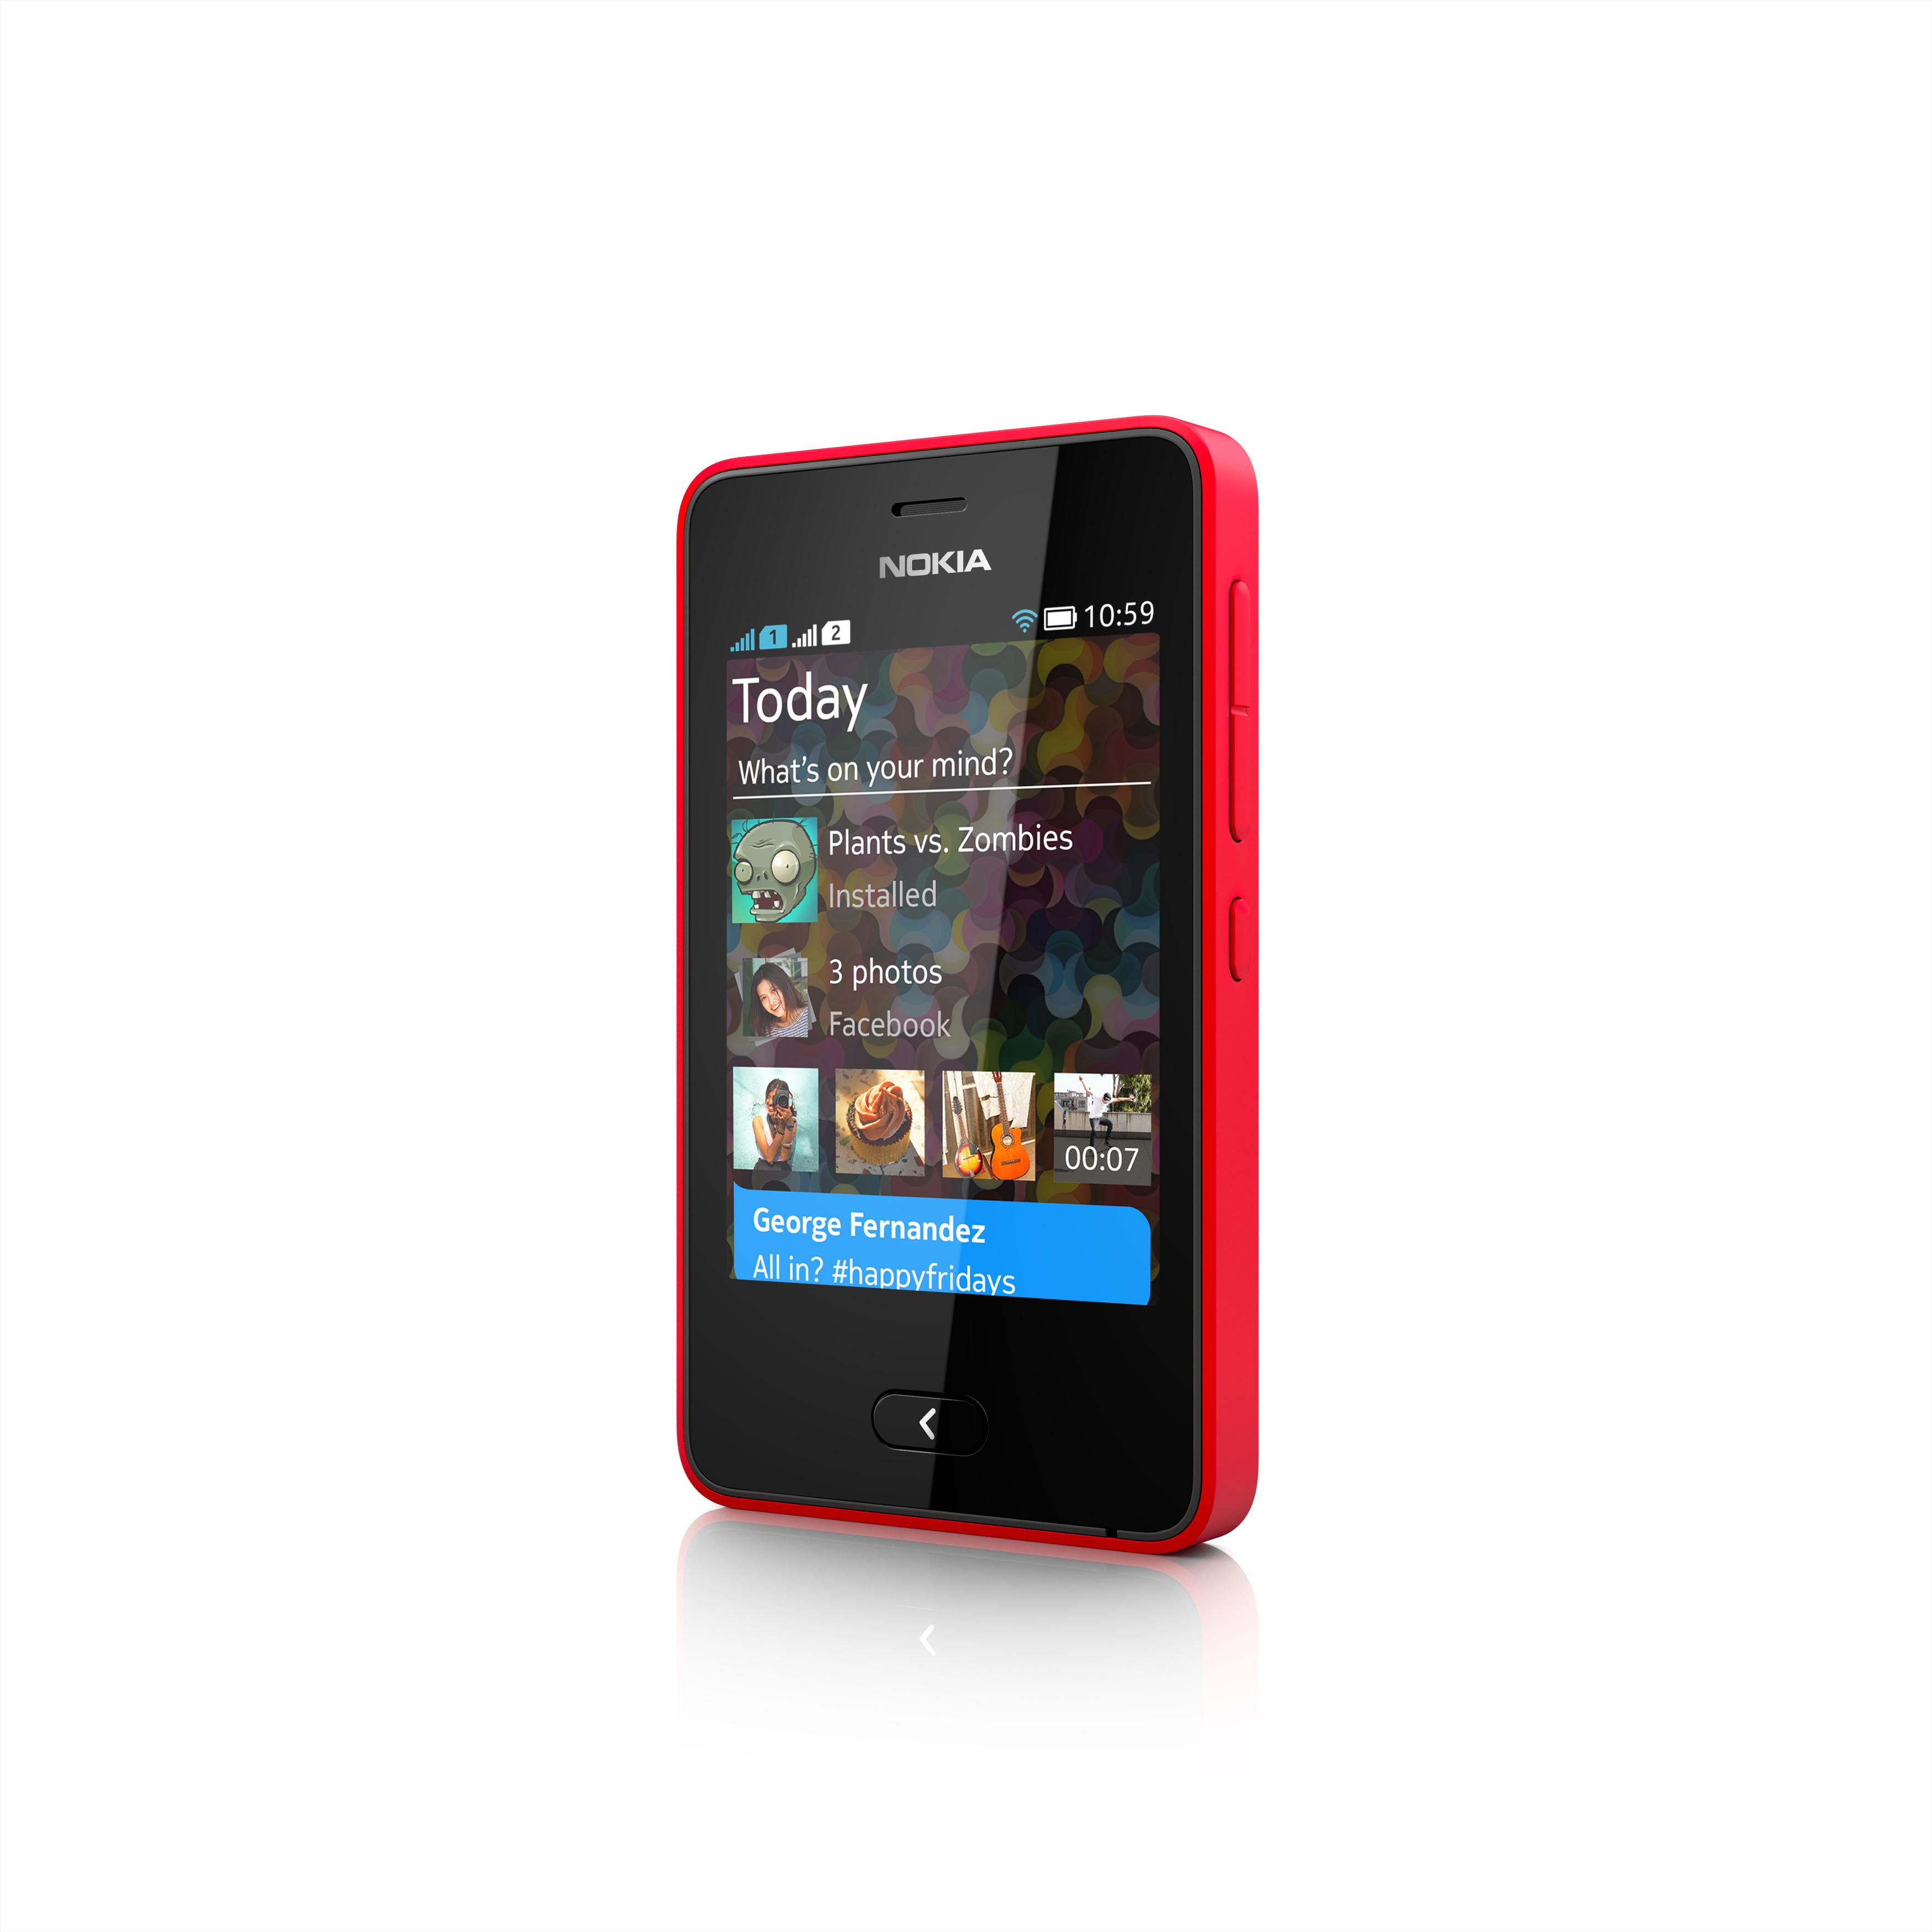 Nokia Asha 501 Dual SIM - pierwszy smartphone z Asha OS ju� dost�pny